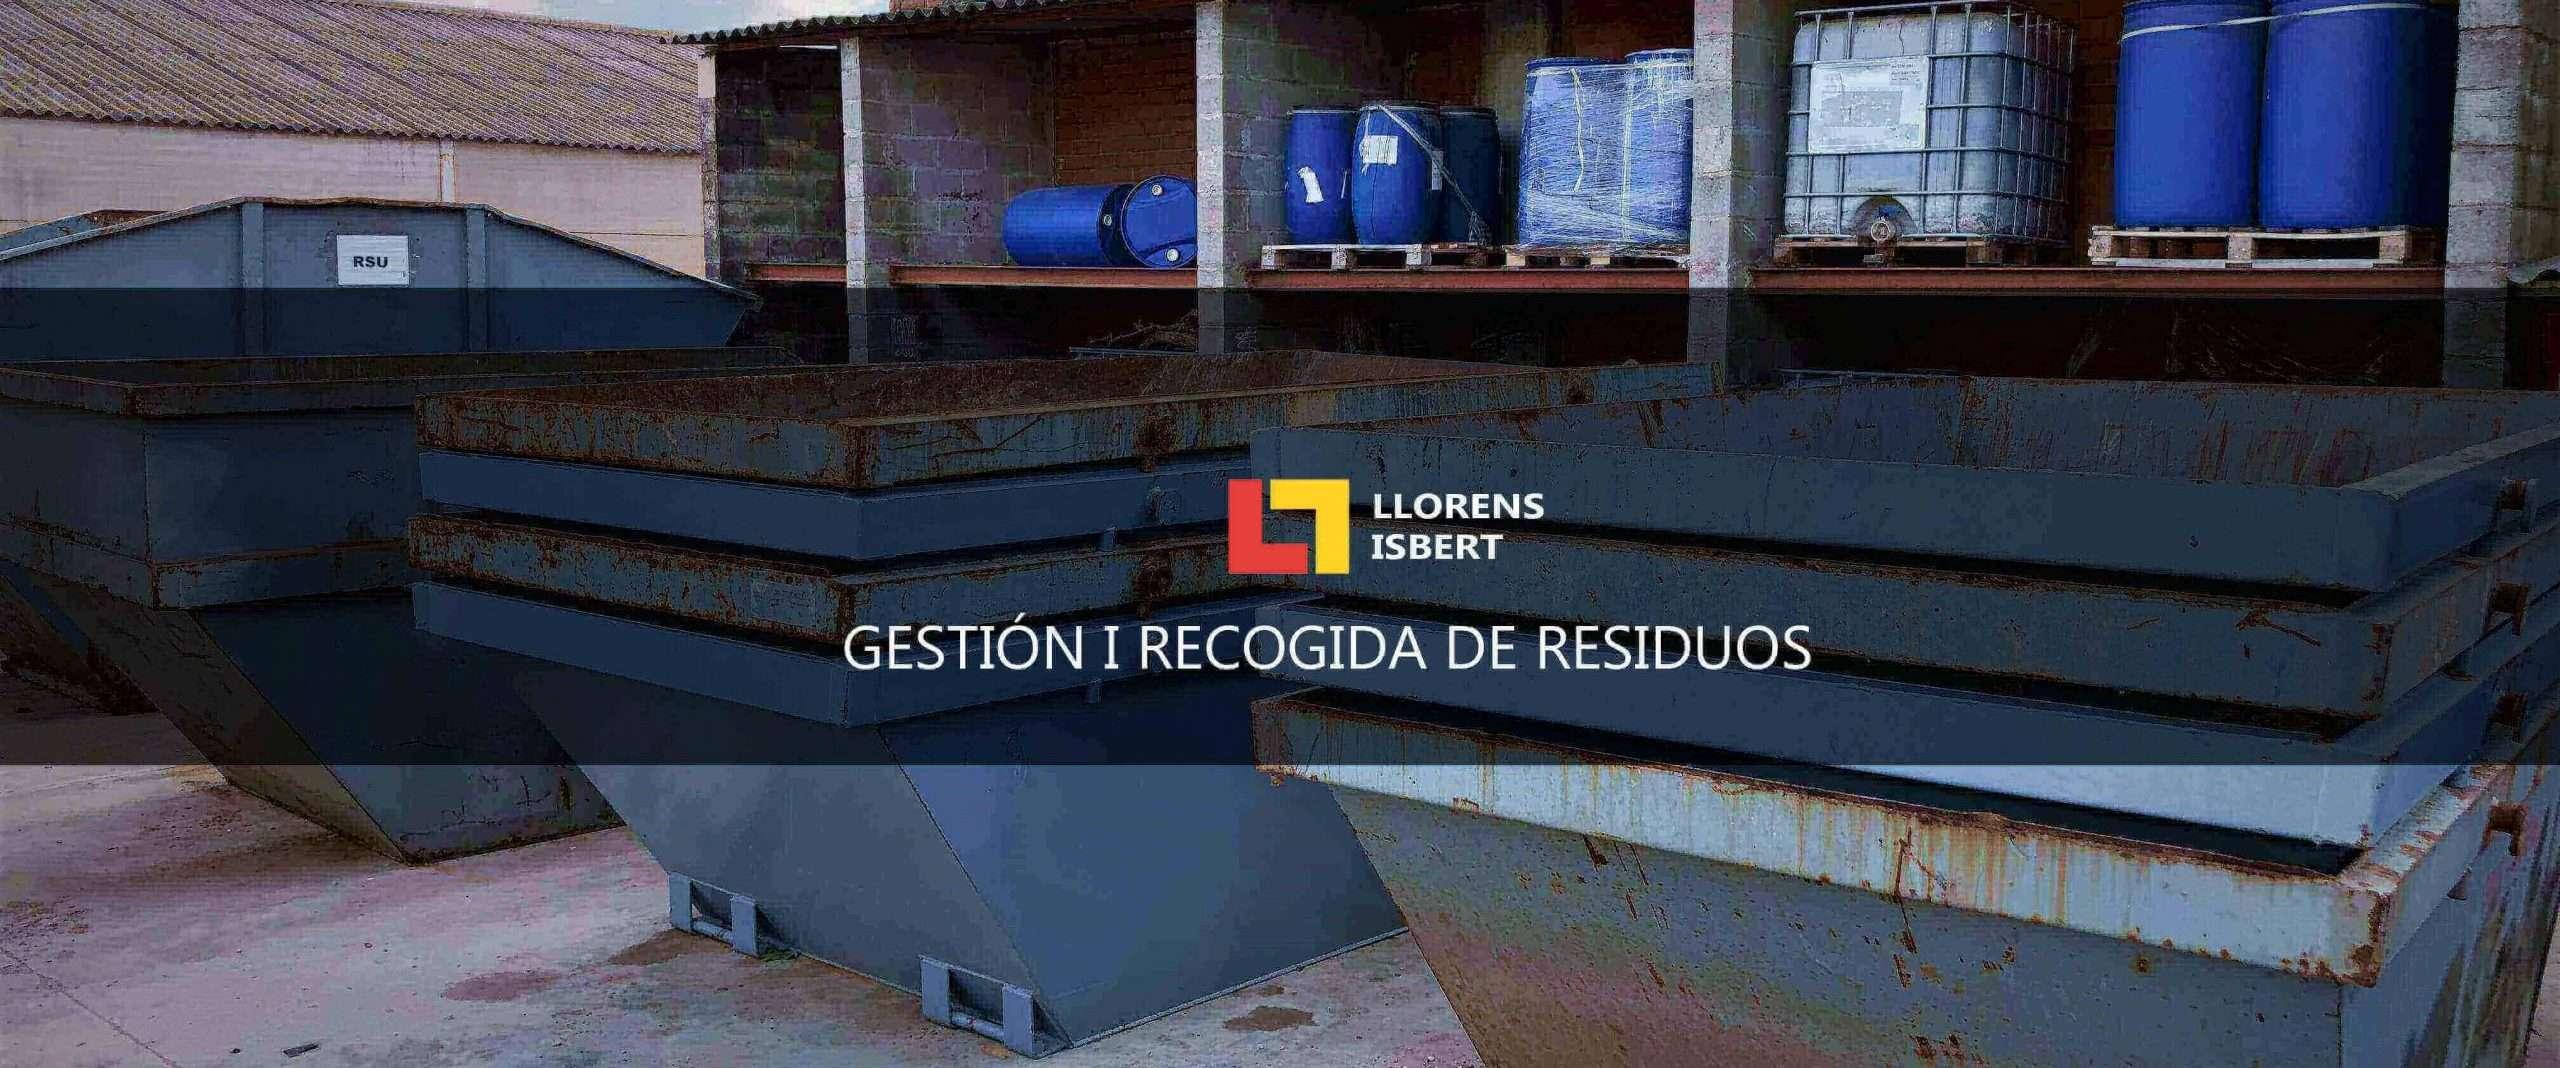 gestión de Residuos industriales Igualada